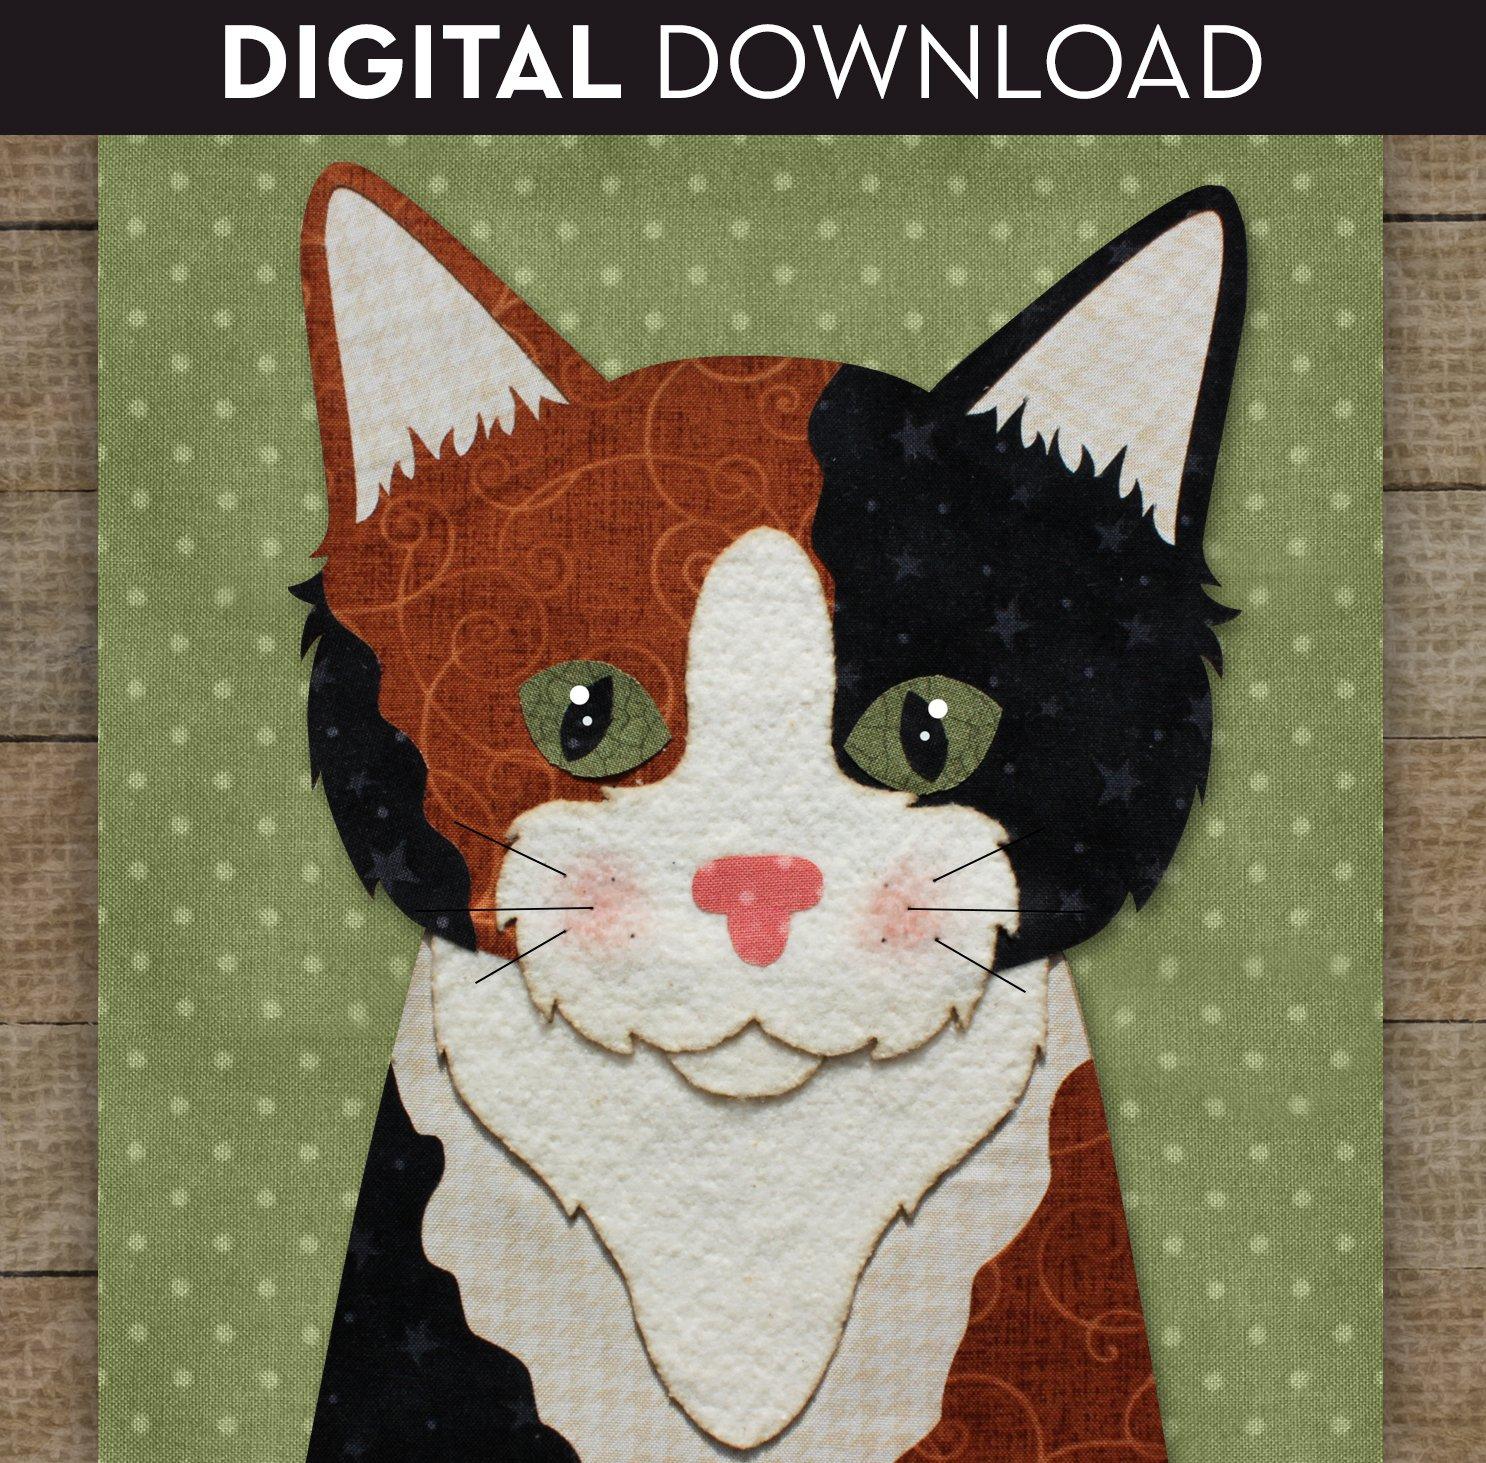 Calico Cat 2 - Download